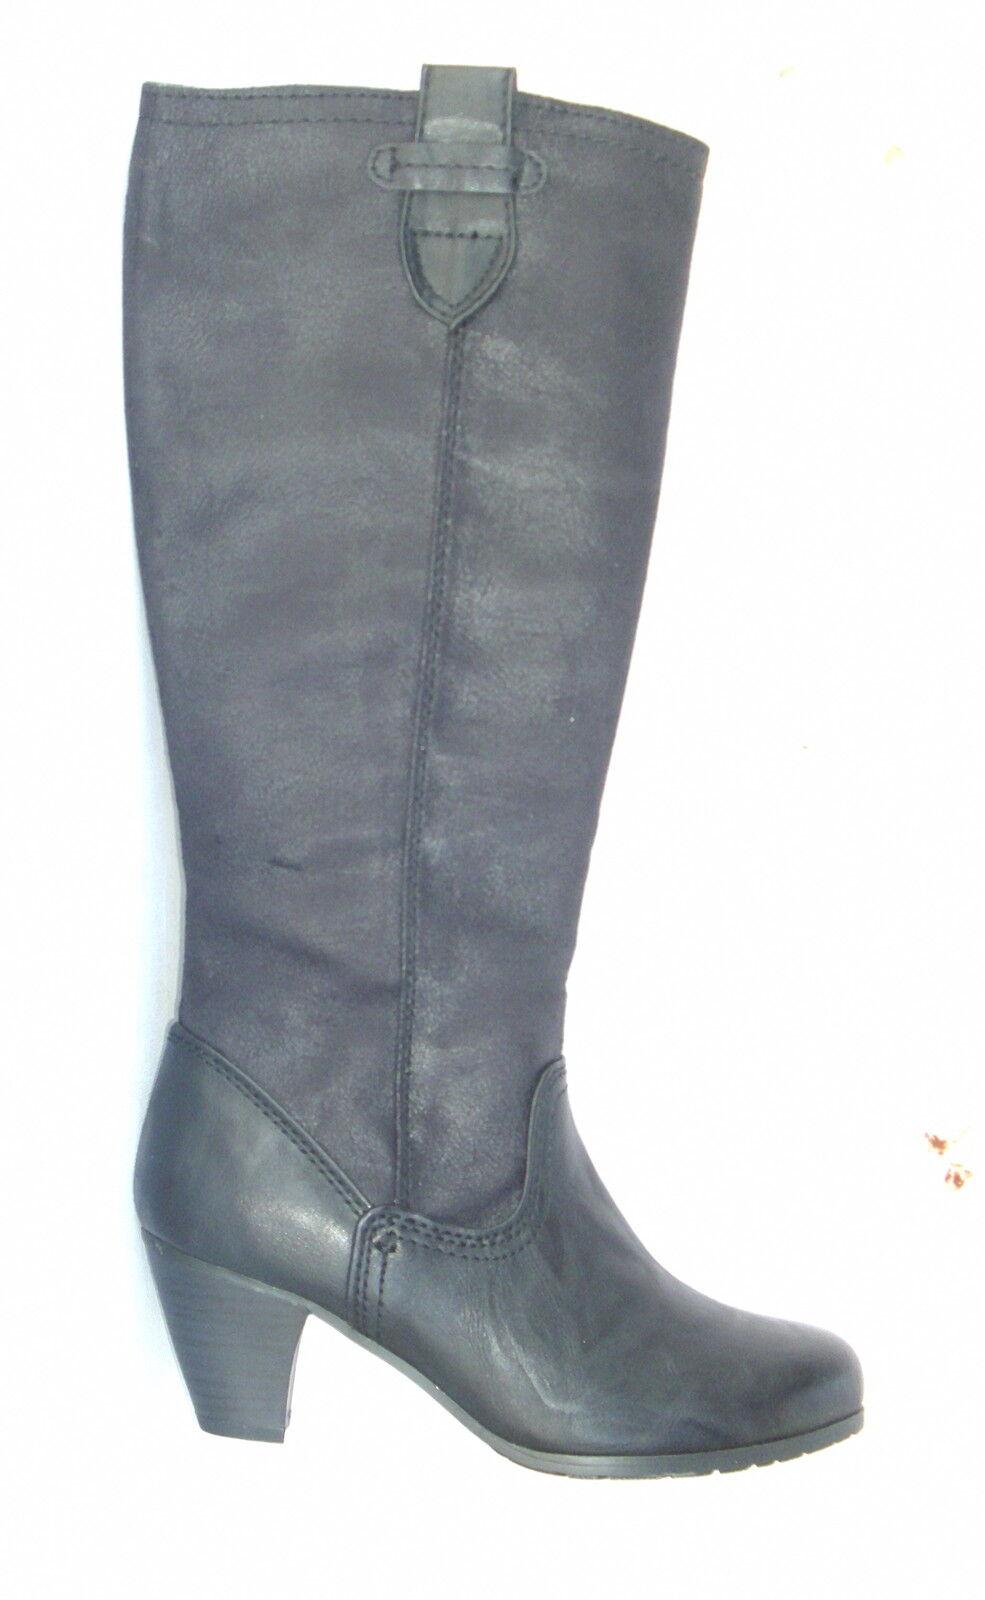 Soft LINE Scarpe Scarpe Scarpe Scarpe Da Donna Stivali, larghezza  H , Tipo, 25561-25 +++ NUOVO +++ | I più venduti in tutto il mondo  | Sig/Sig Ra Scarpa  673e38